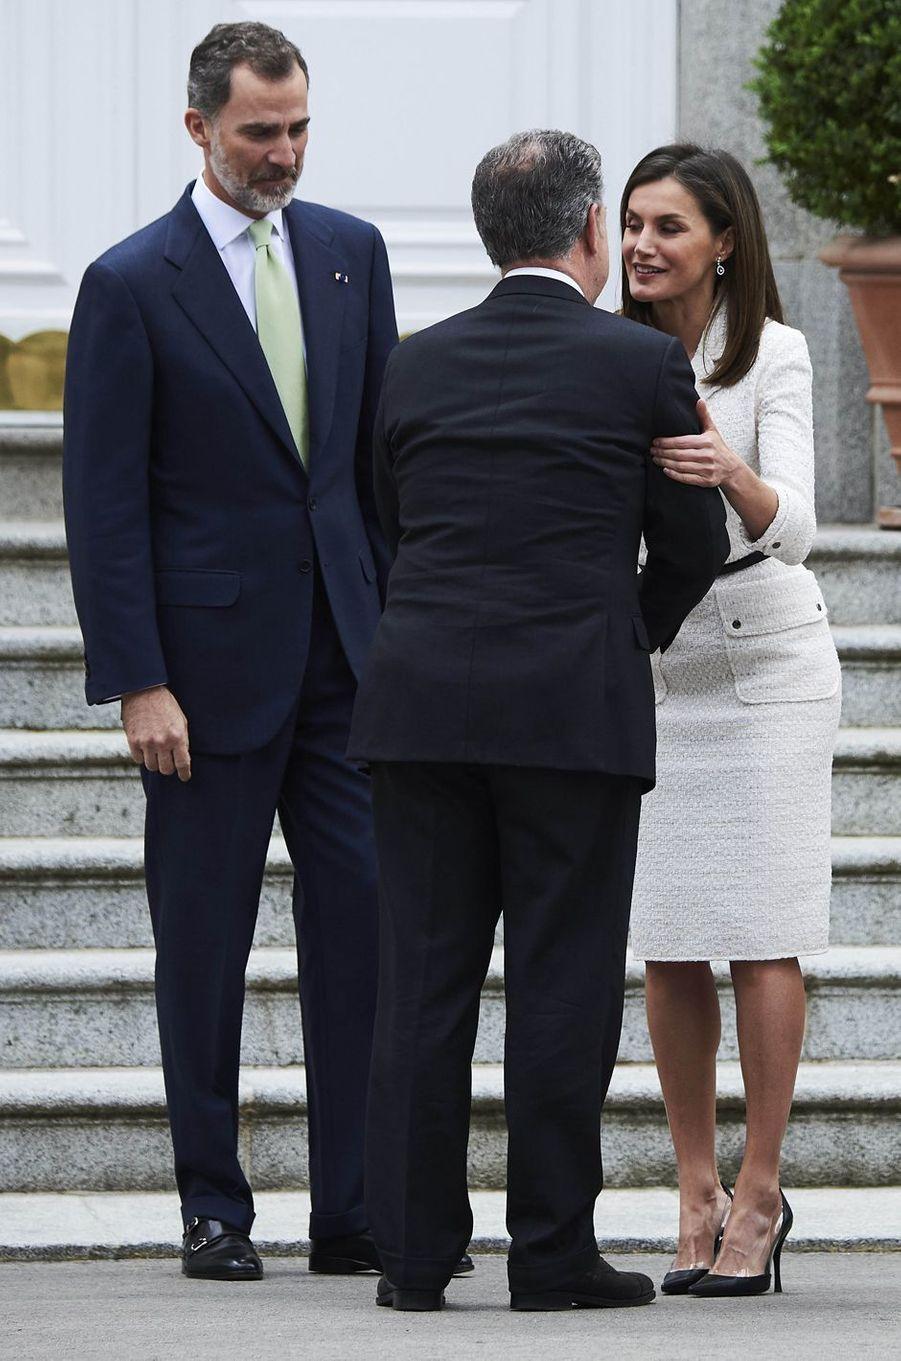 La reine Letizia et le roi Felipe VI d'Espagne avec le président colombien Juan Manuel Santos Calderón à Madrid, le 14 mai 2018